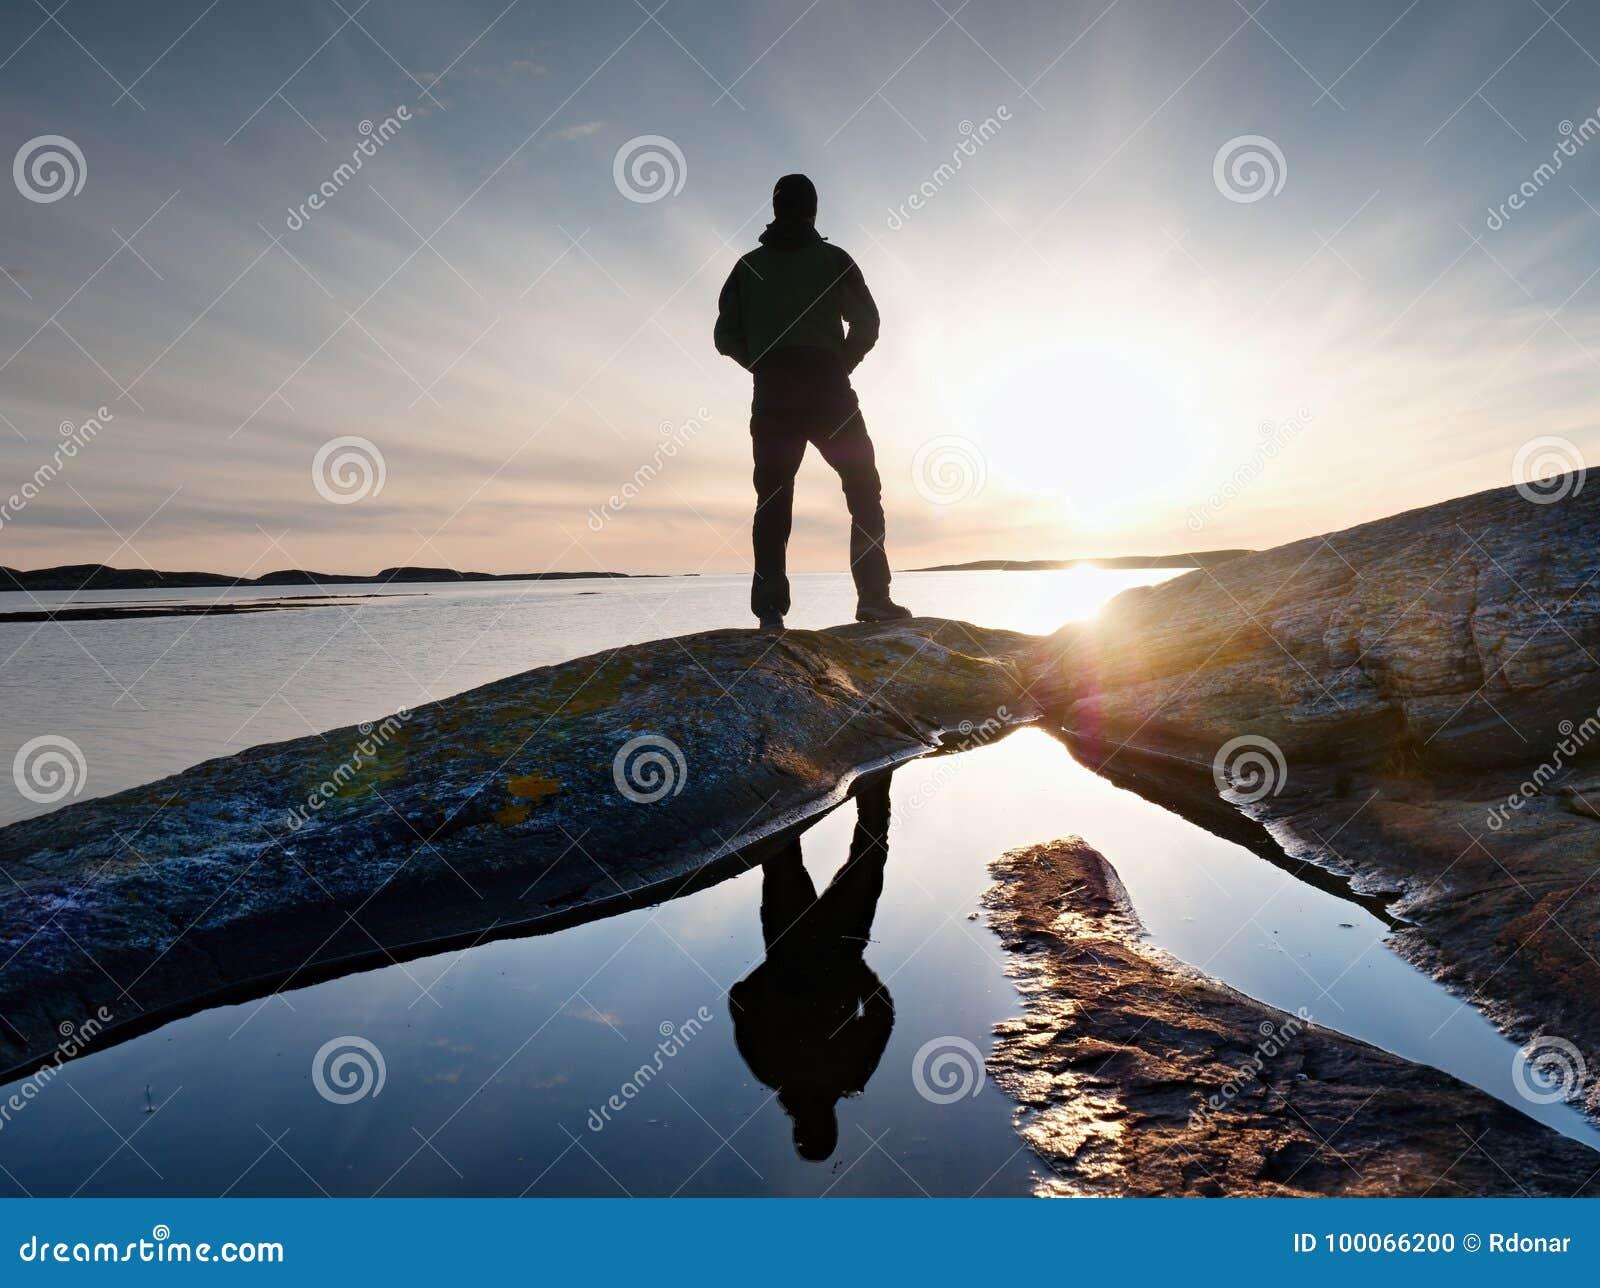 高在海的背包徒步旅行者手表明白晴朗的破晓 远足者远足者享受惊人的日出